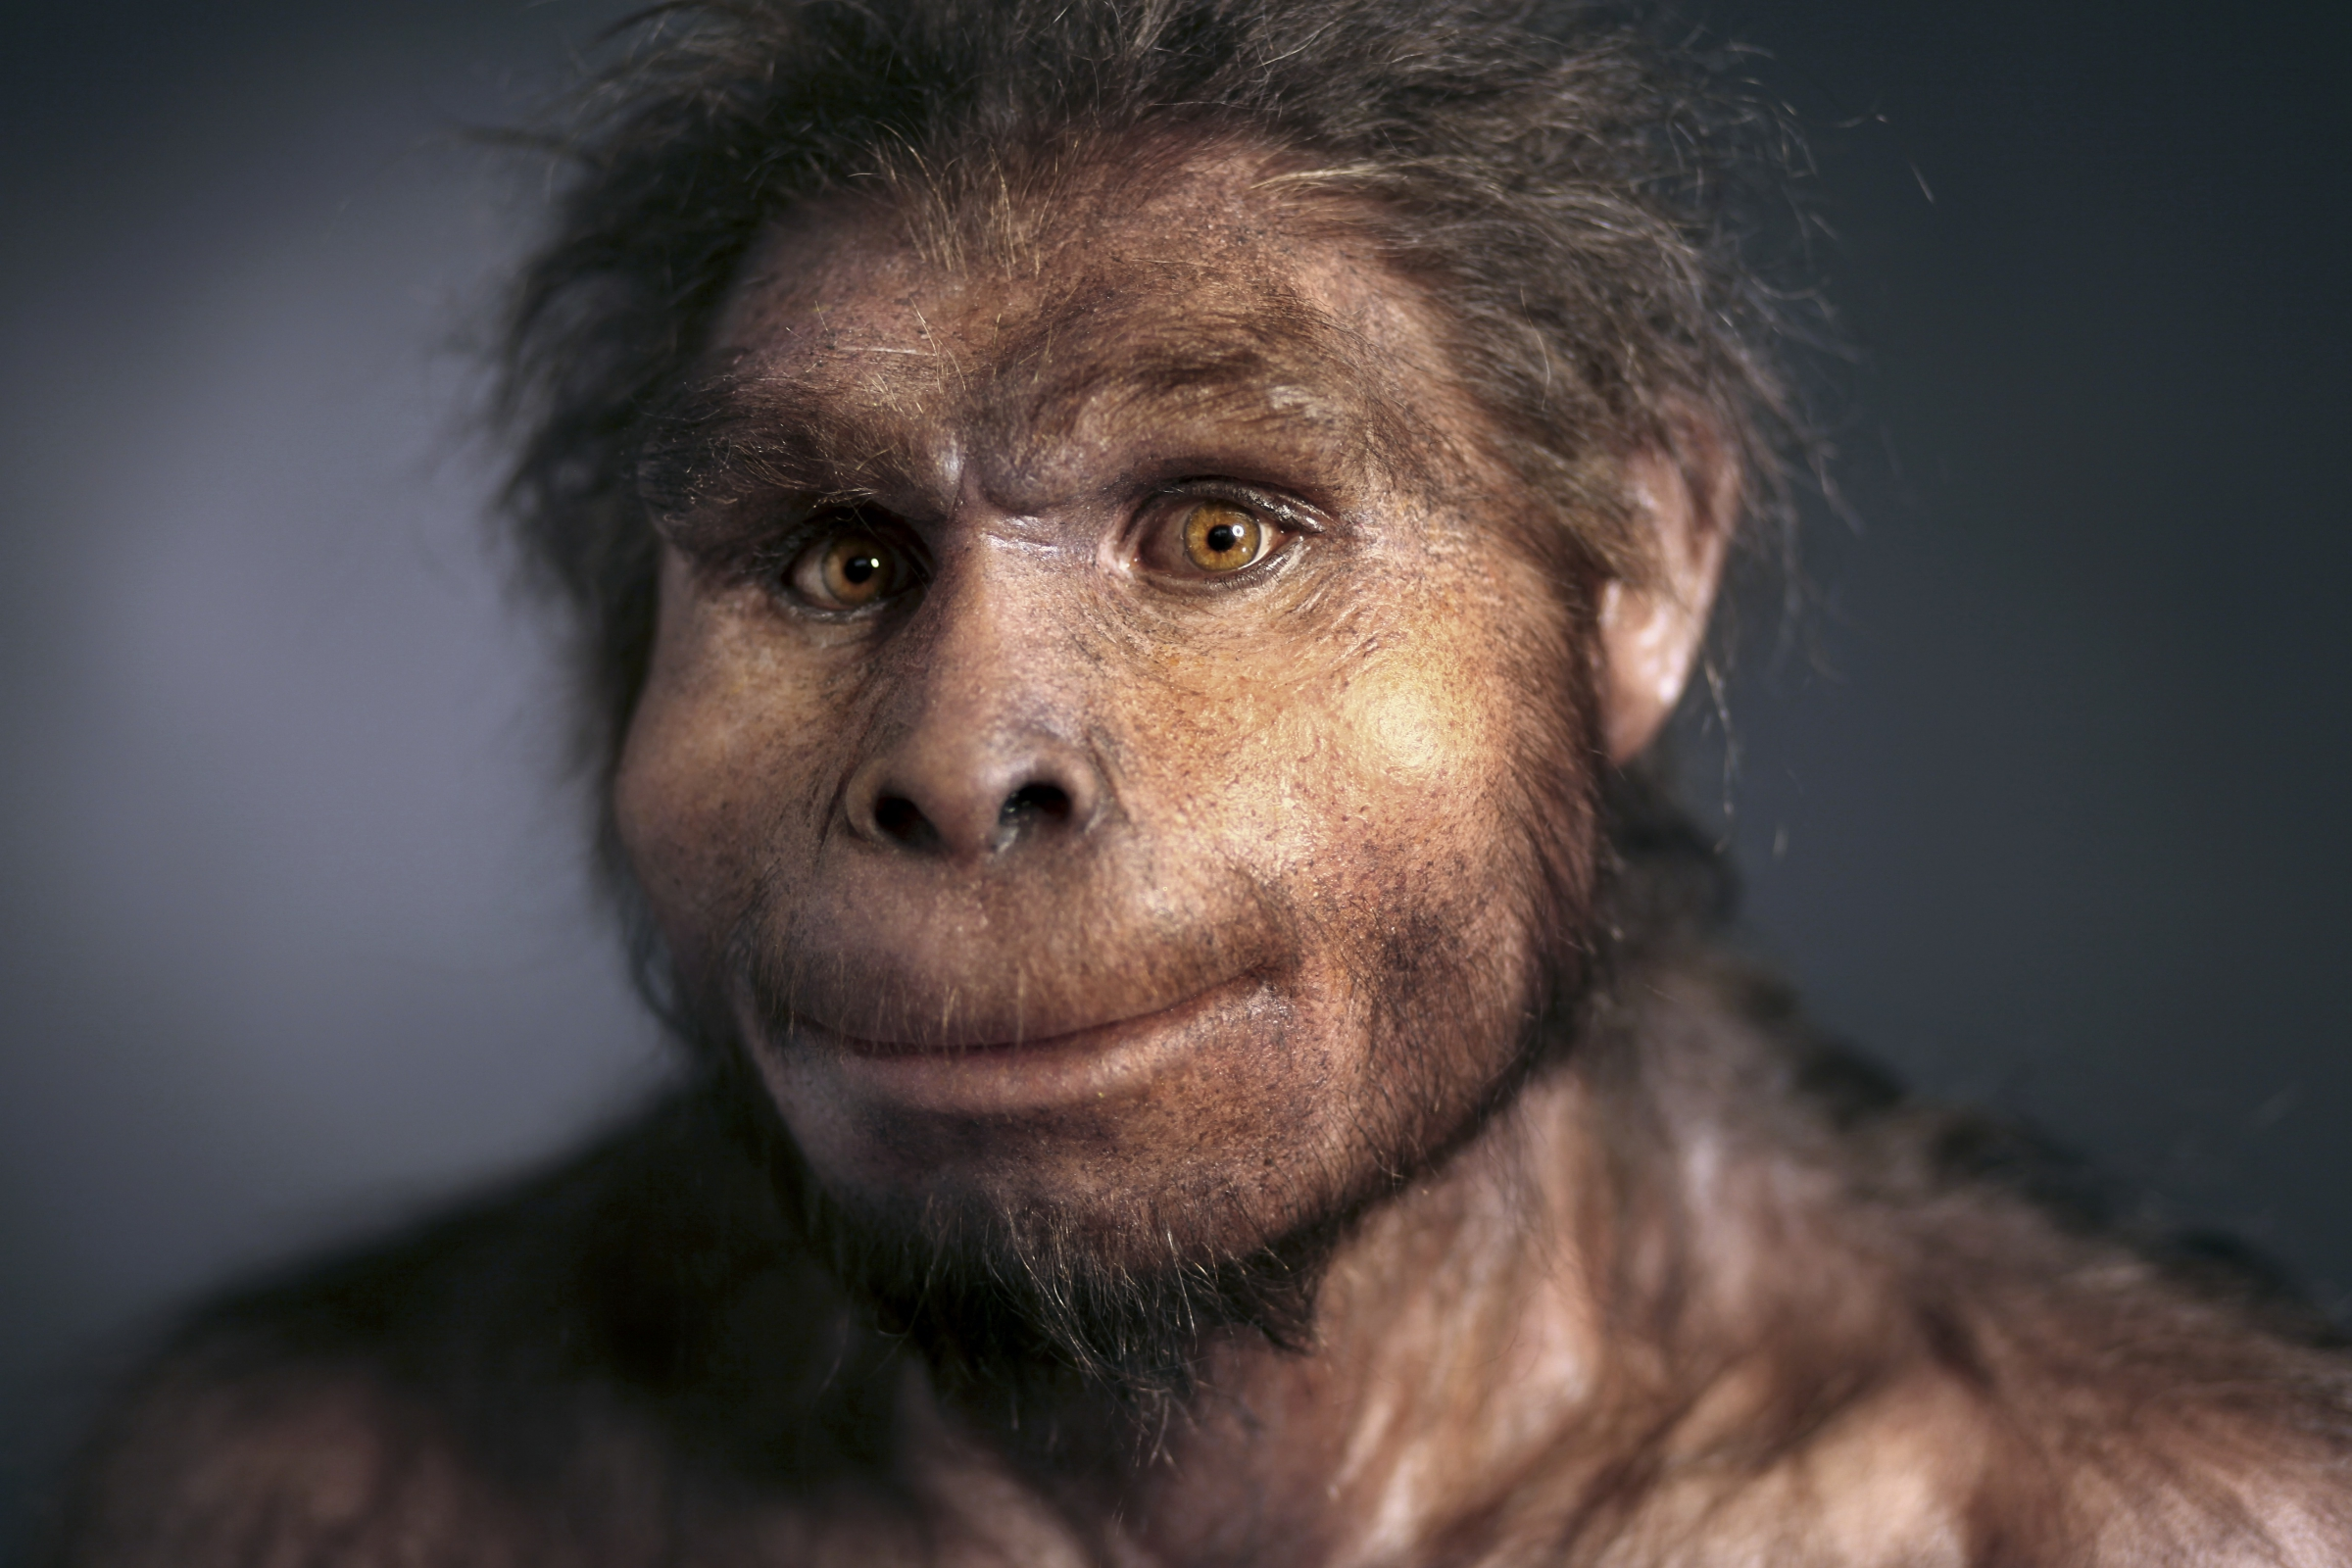 """שחזור של מבנה הפנים של הומו ארקטוס, משמאל - מאובן """"ילד טורקנה"""" - השלד השלם ביותר שקיים בידנו של המין הזה."""